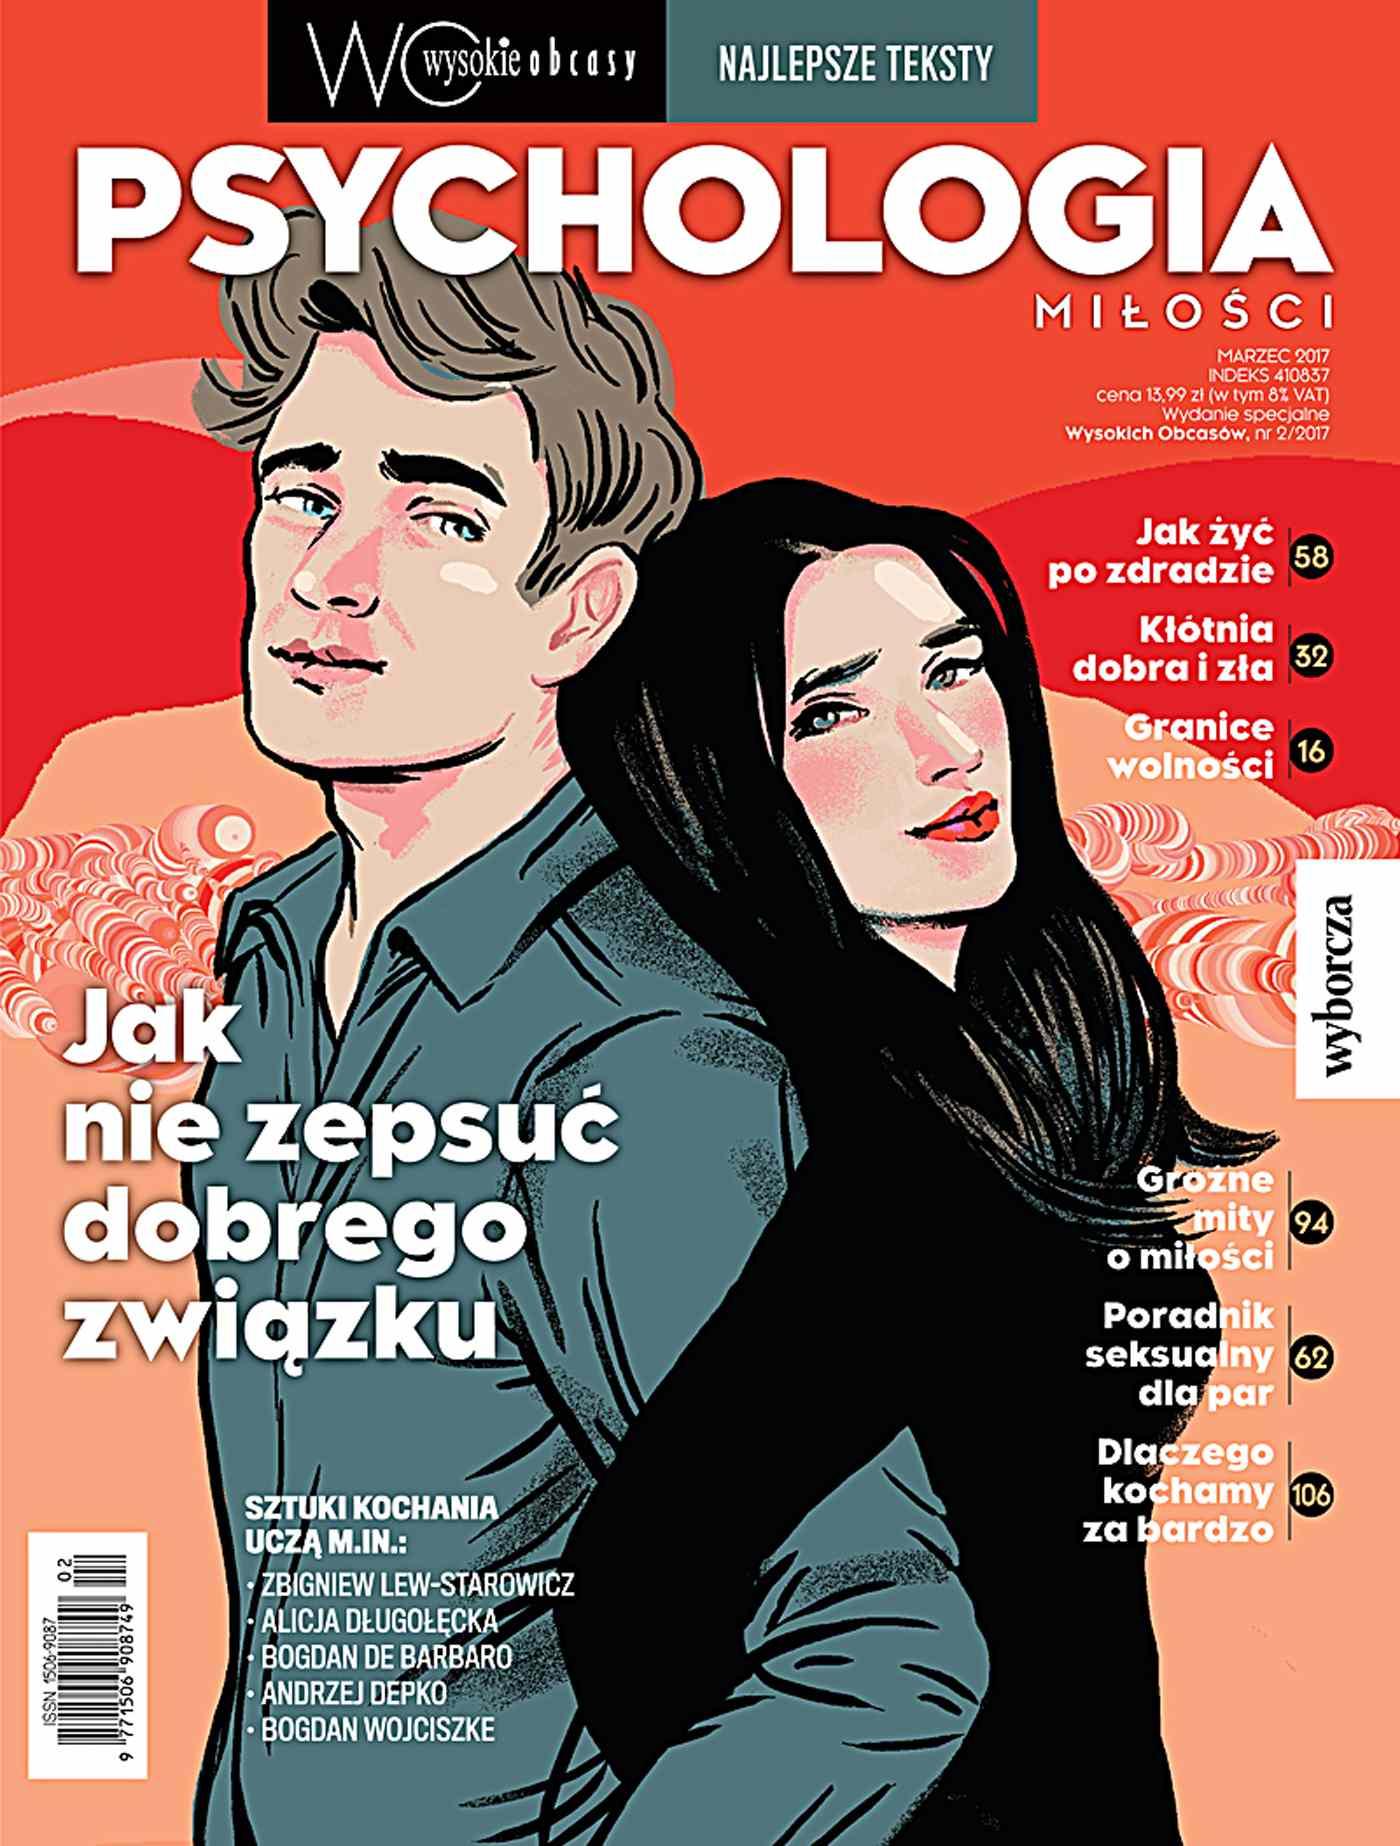 Najlepsze teksty. Psychologia miłości. Wysokie Obcasy. Wydanie Specjalne - Ebook (Książka EPUB) do pobrania w formacie EPUB